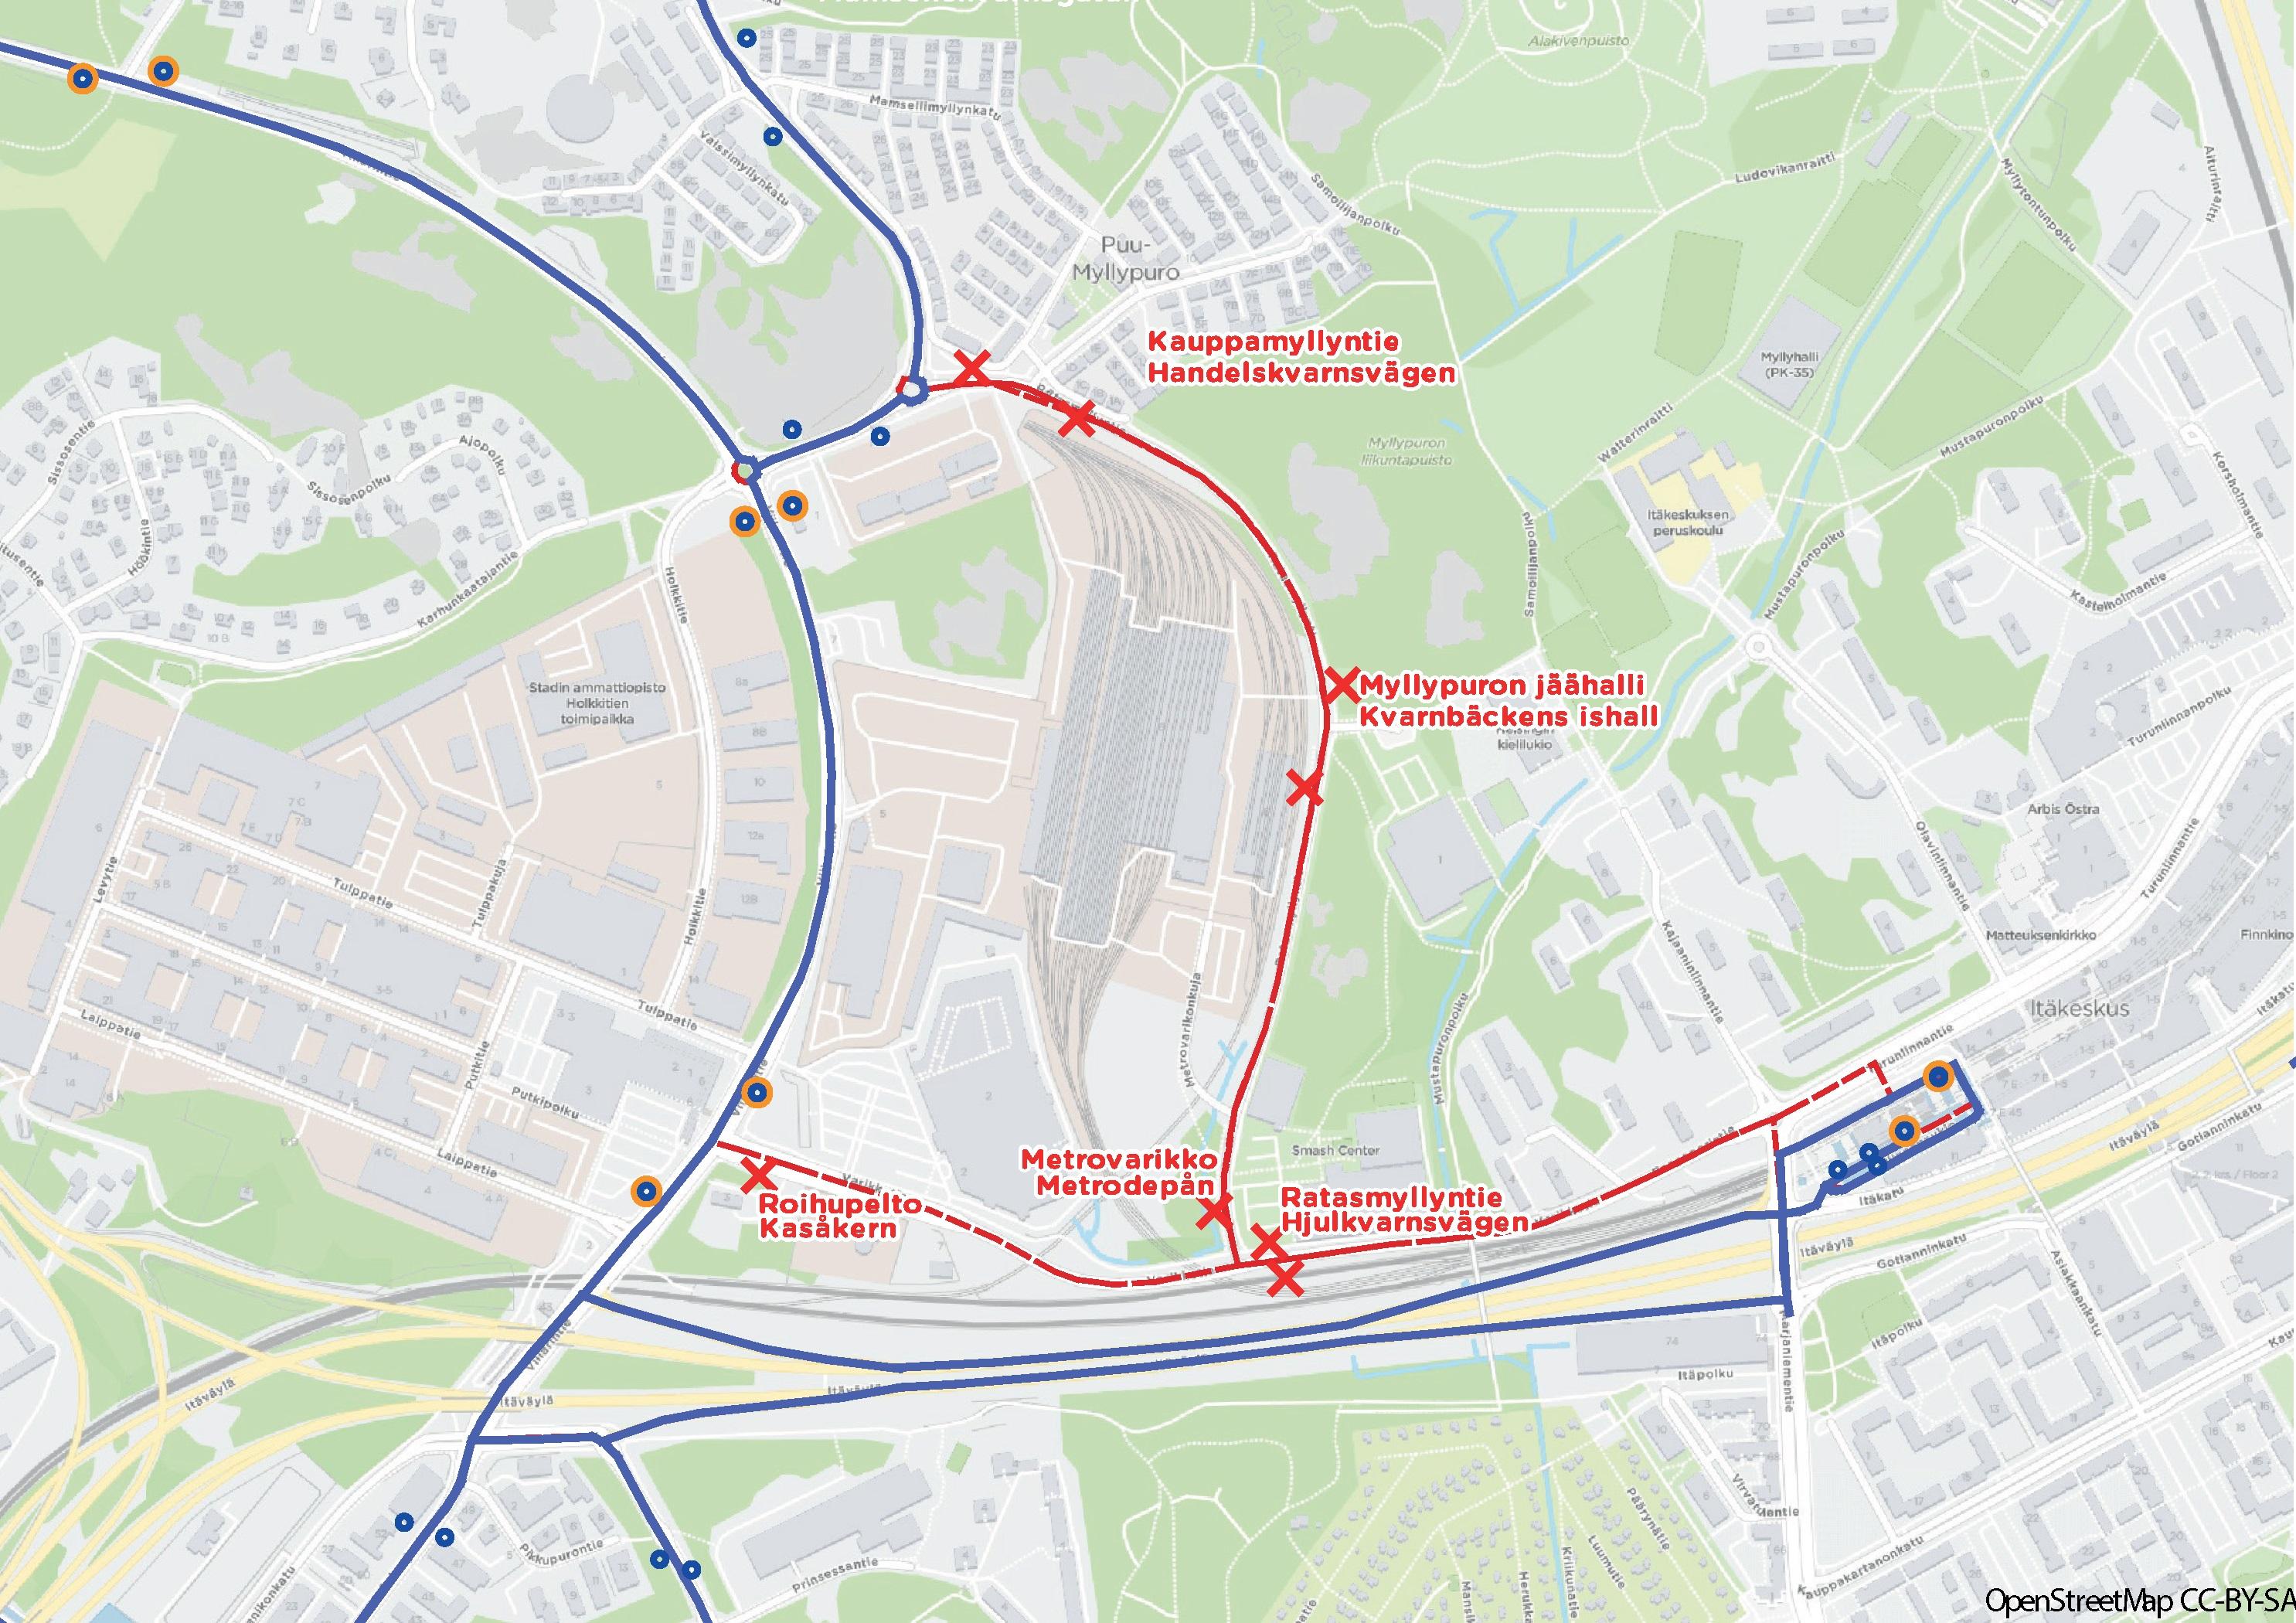 Varikkotie Roihupellossa suljetaan 17.6. Linjat 58,80, 92, 92N ja 550 poikkeusreitille Itäväylän kautta